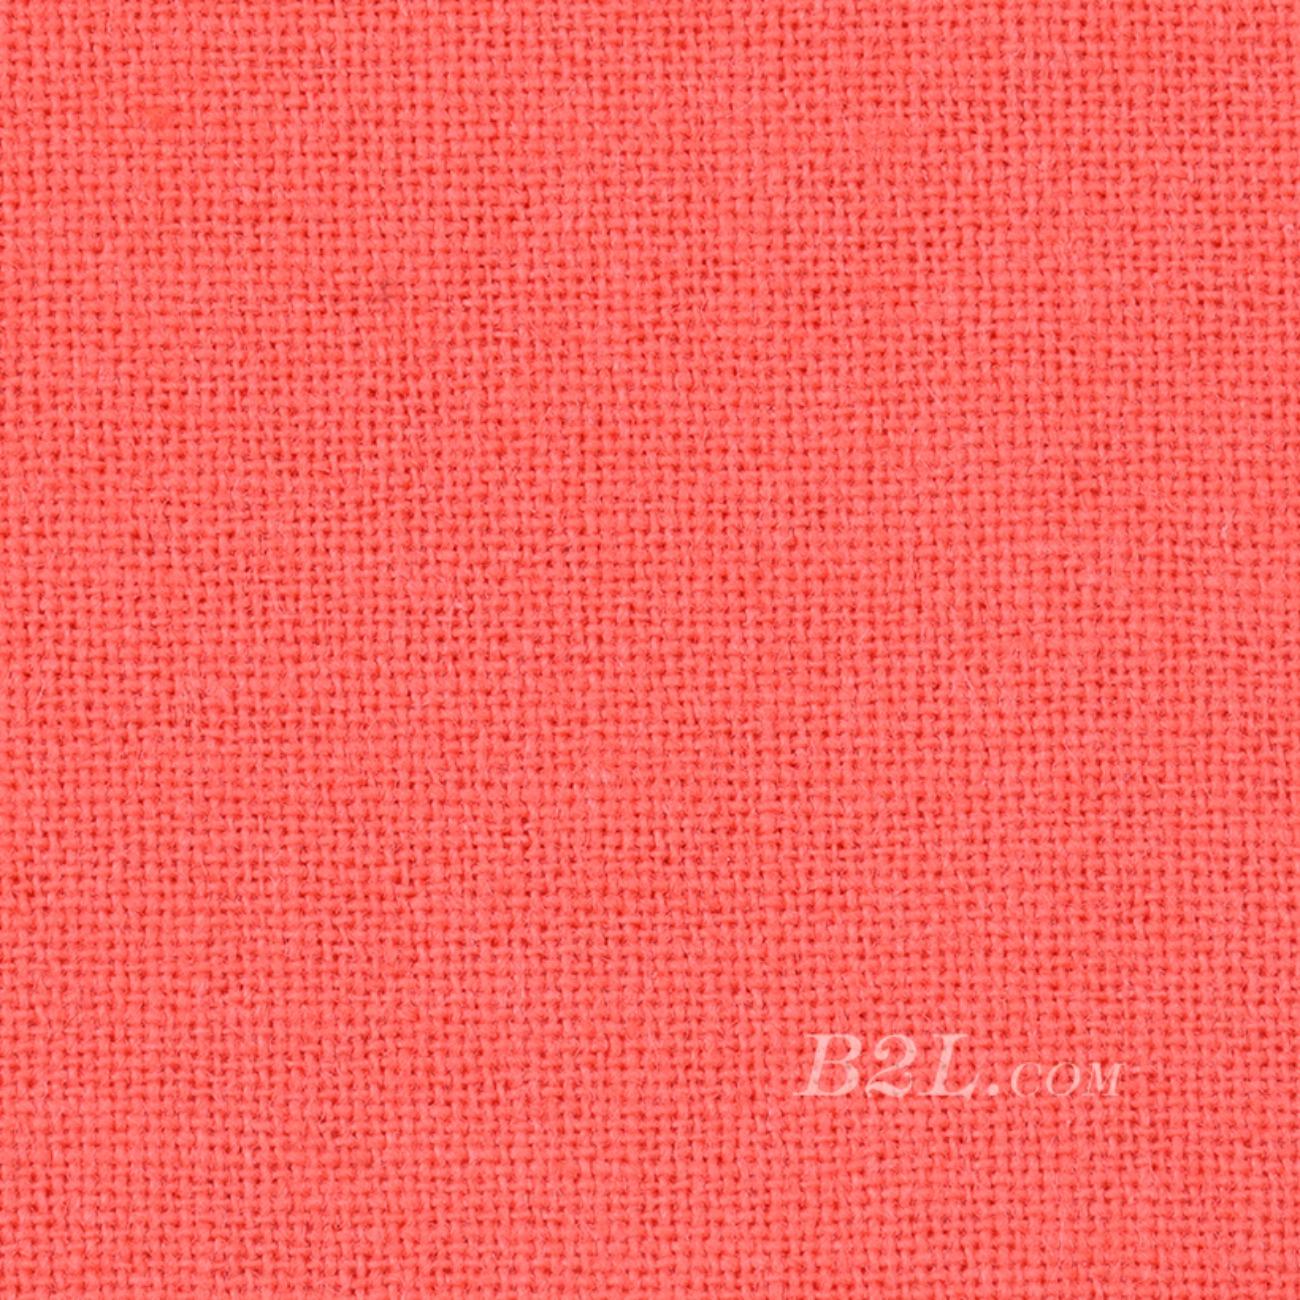 素色 梭织 染色 无弹 连衣裙 衬衫 柔软 细腻 女装 春夏 71116-50